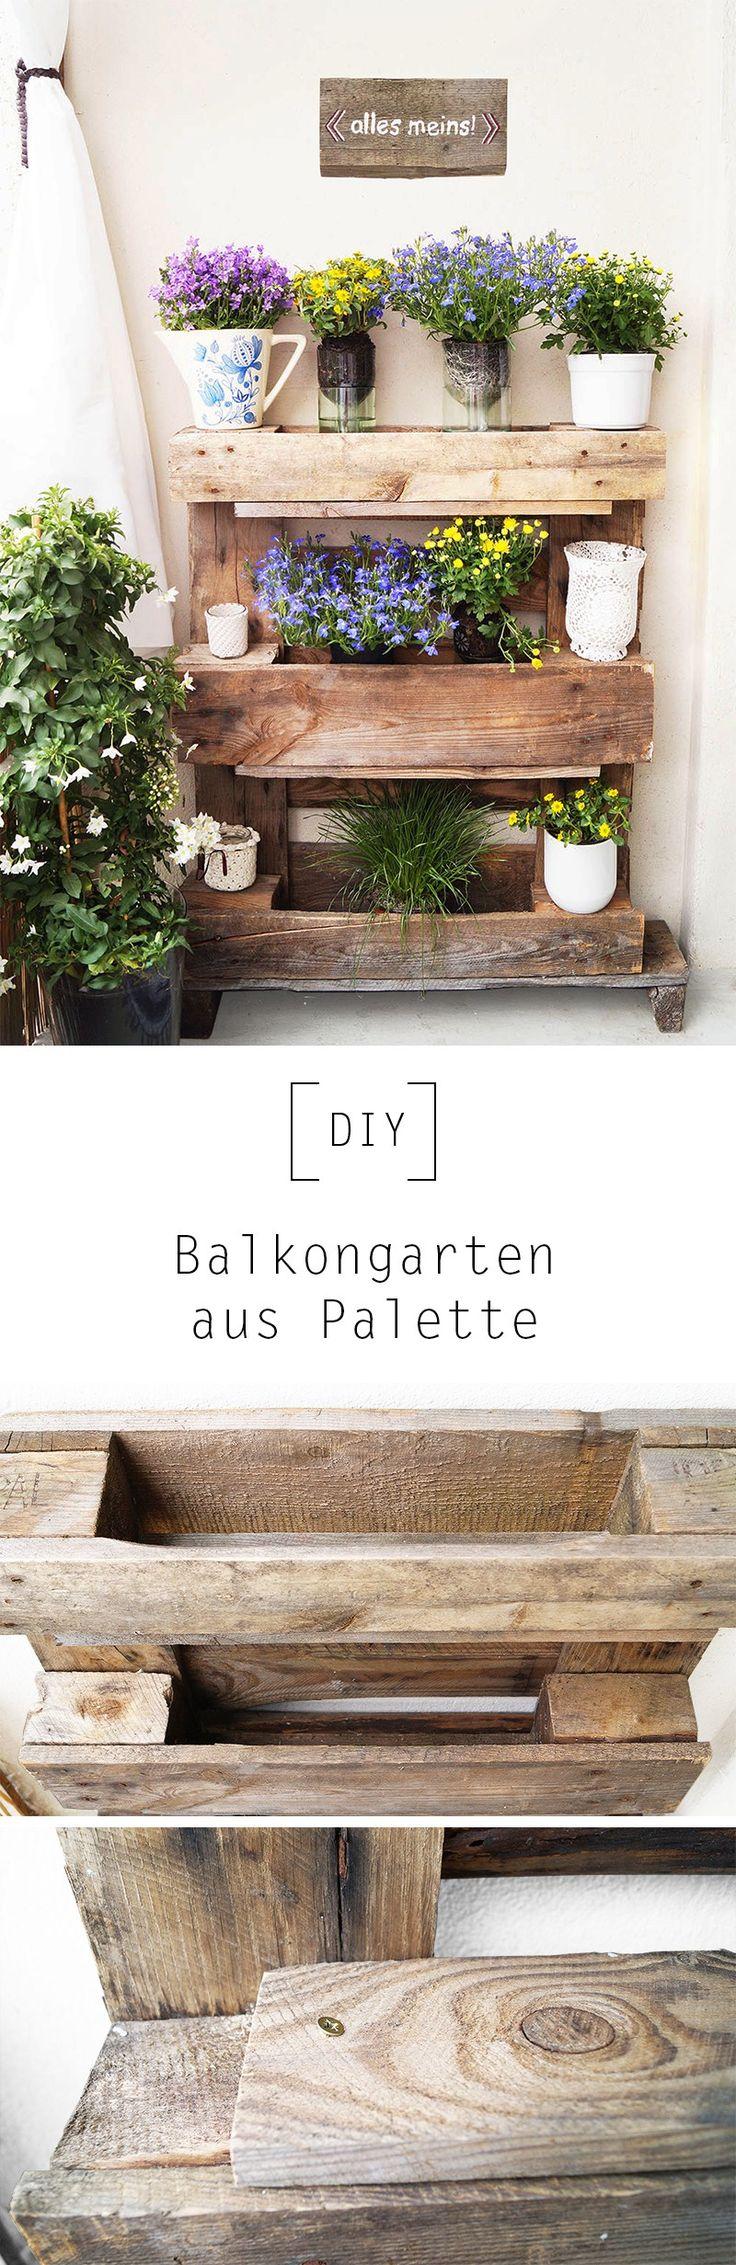 die besten 25 holz kreativ ideen auf pinterest schilder namensschilder willkommen und. Black Bedroom Furniture Sets. Home Design Ideas